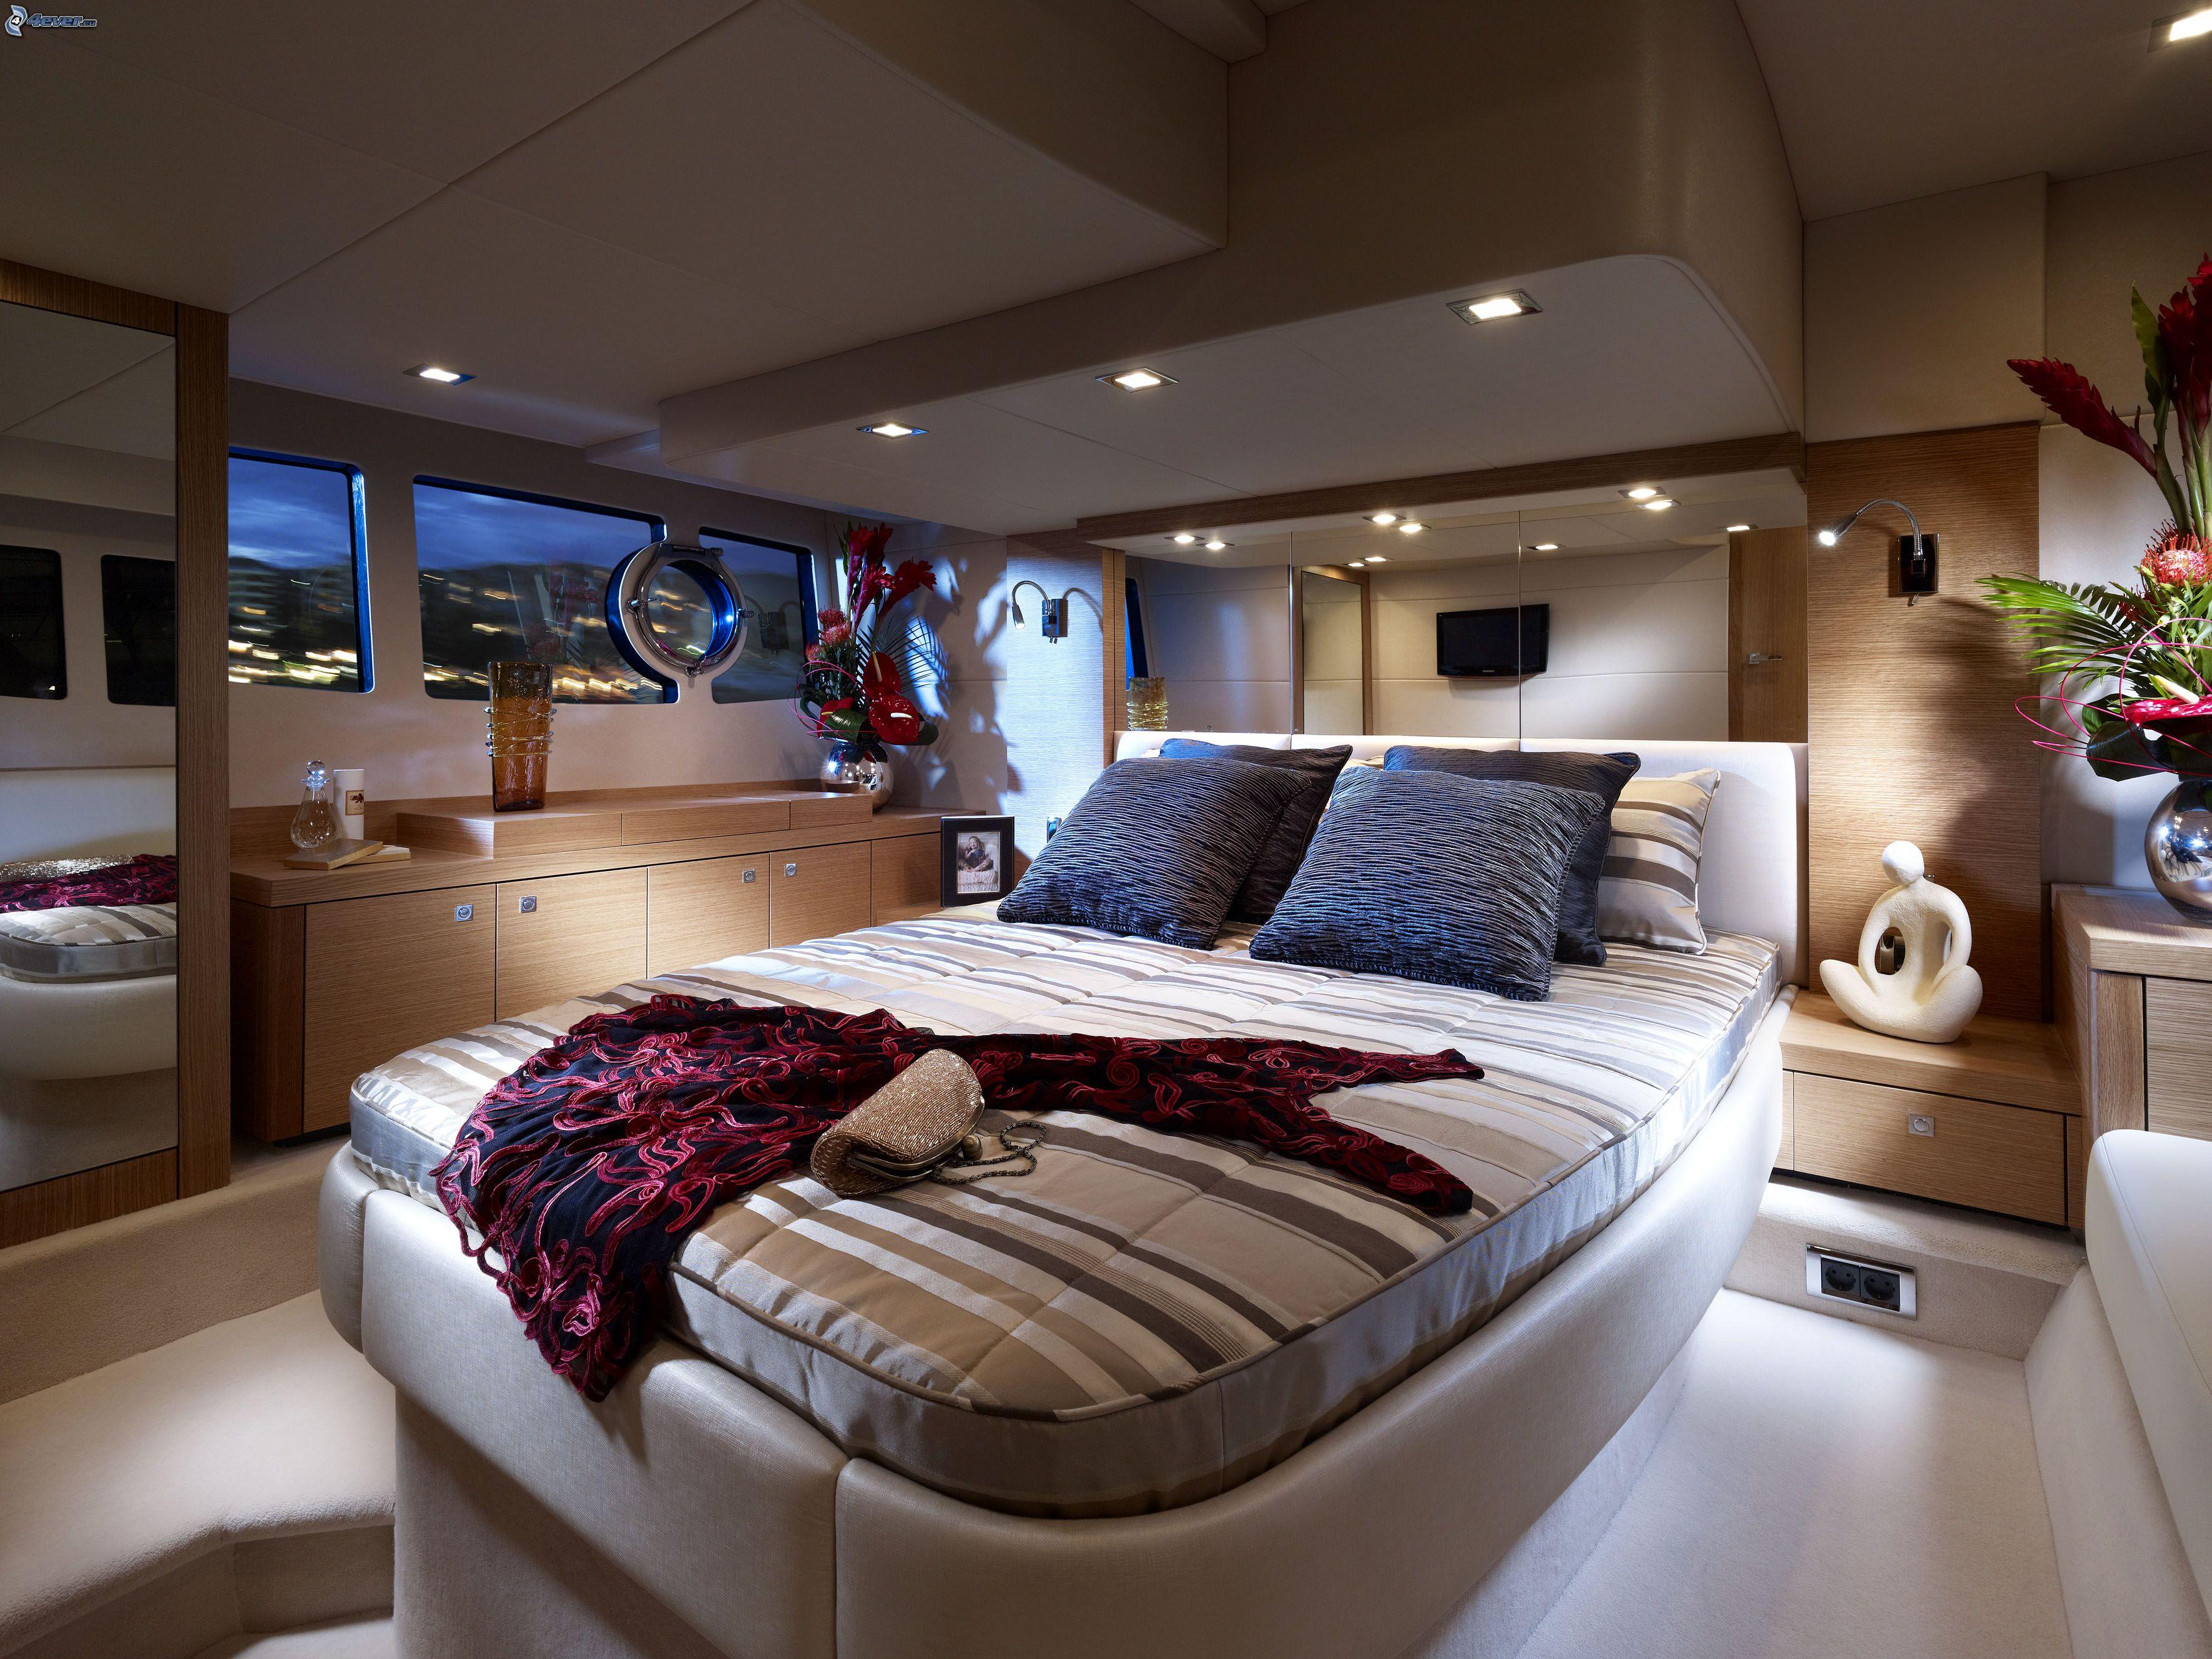 Schlafzimmer bild modern – midir